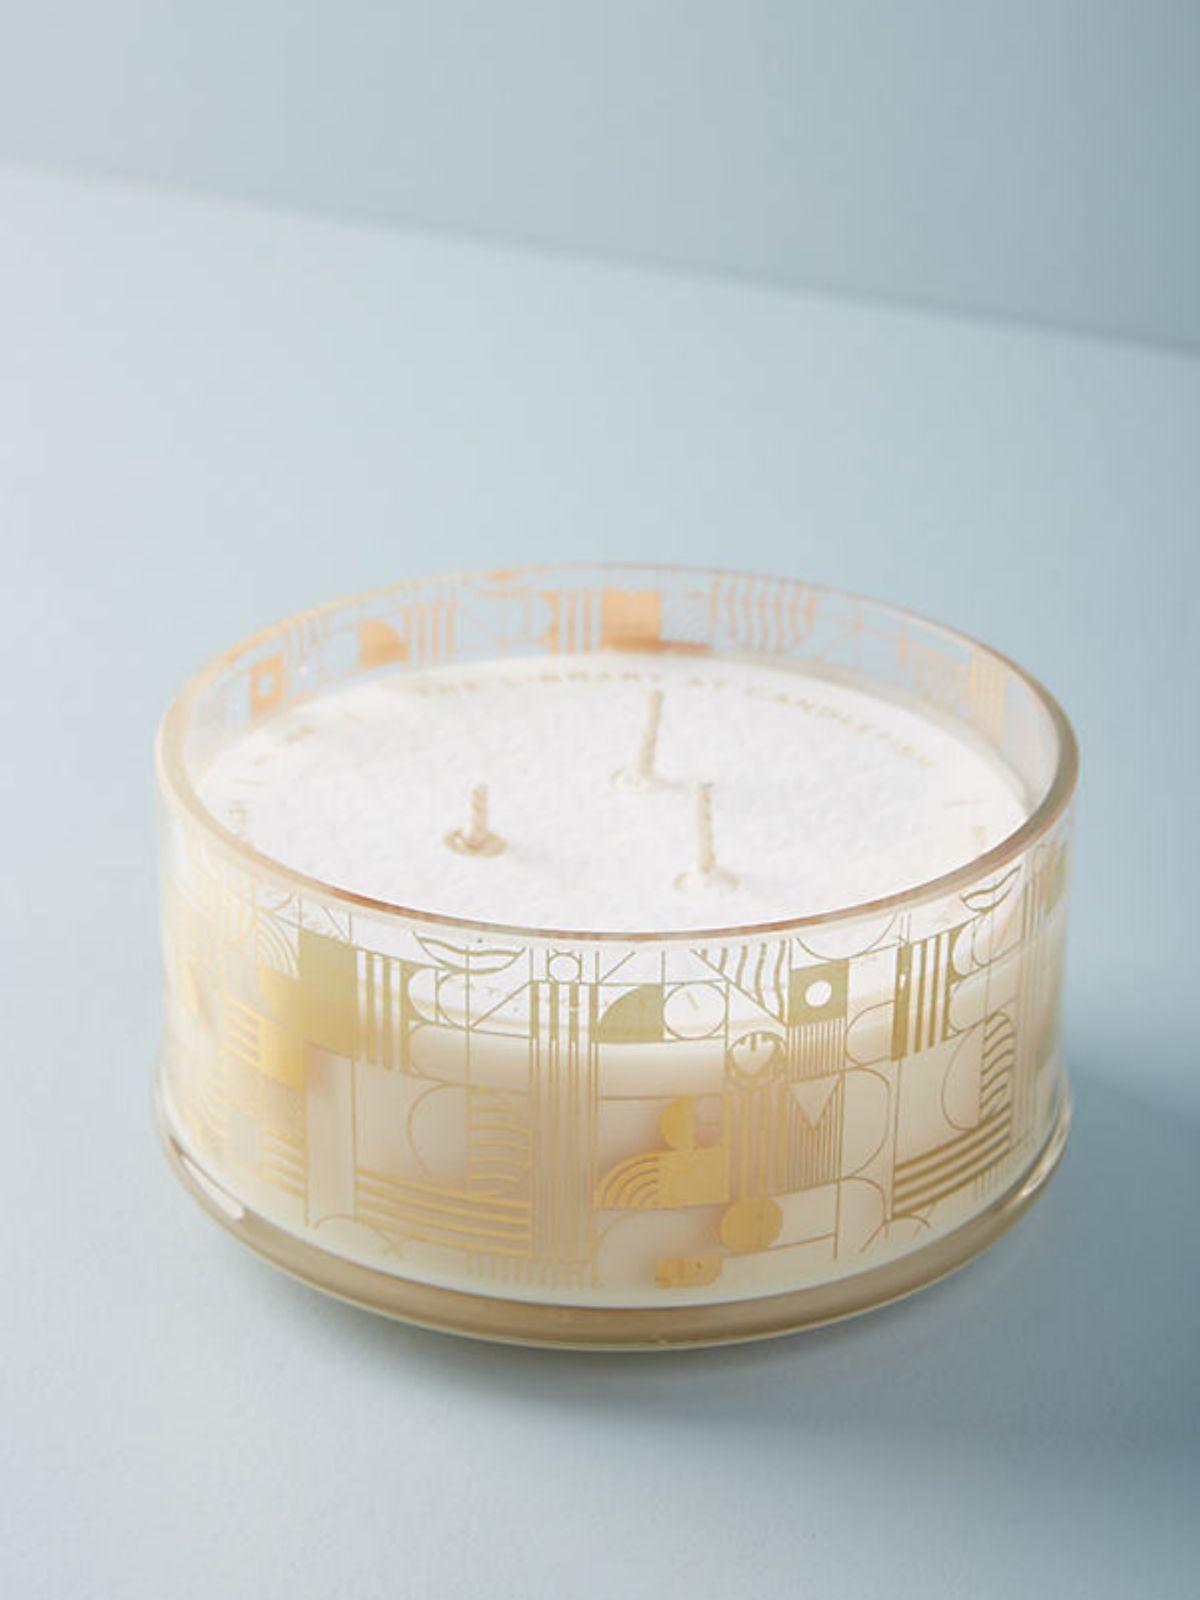 נר ריחני בכלי זכוכית עם עיטורי זהב גאומטריים Spiceנר ריחני בכלי זכוכית עם עיטורי זהב גאומטריים Spice של ANTHROPOLOGIE